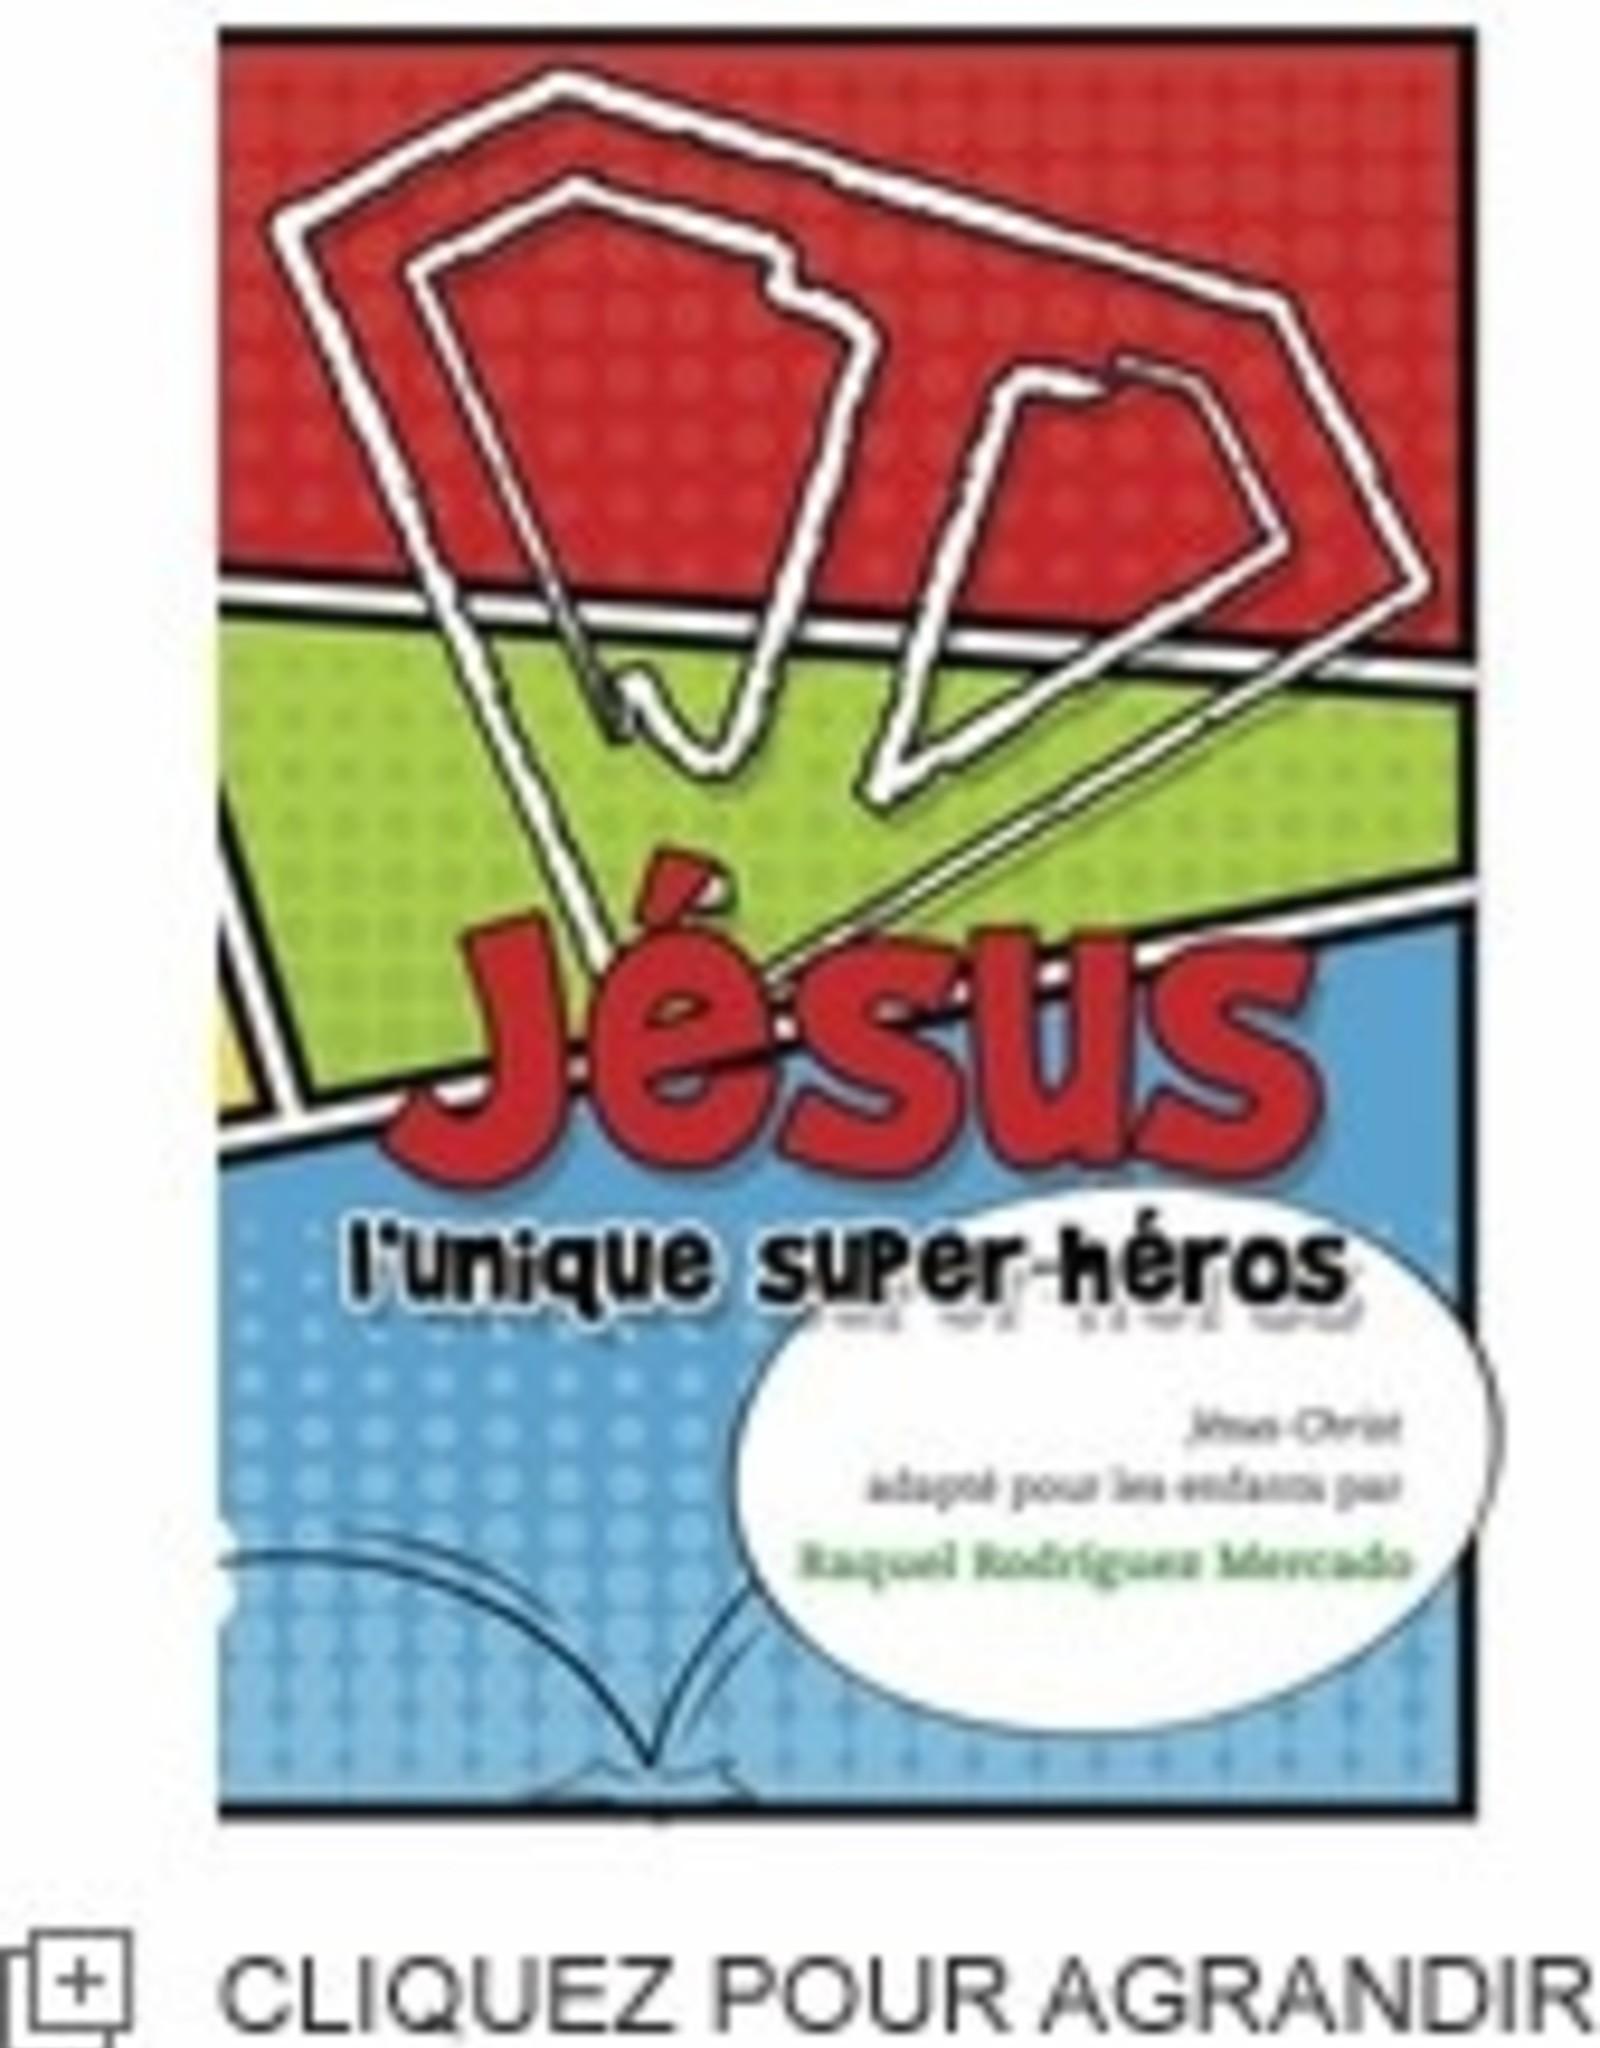 Raquel Rodriguez Mercado Jésus l'unique super héros